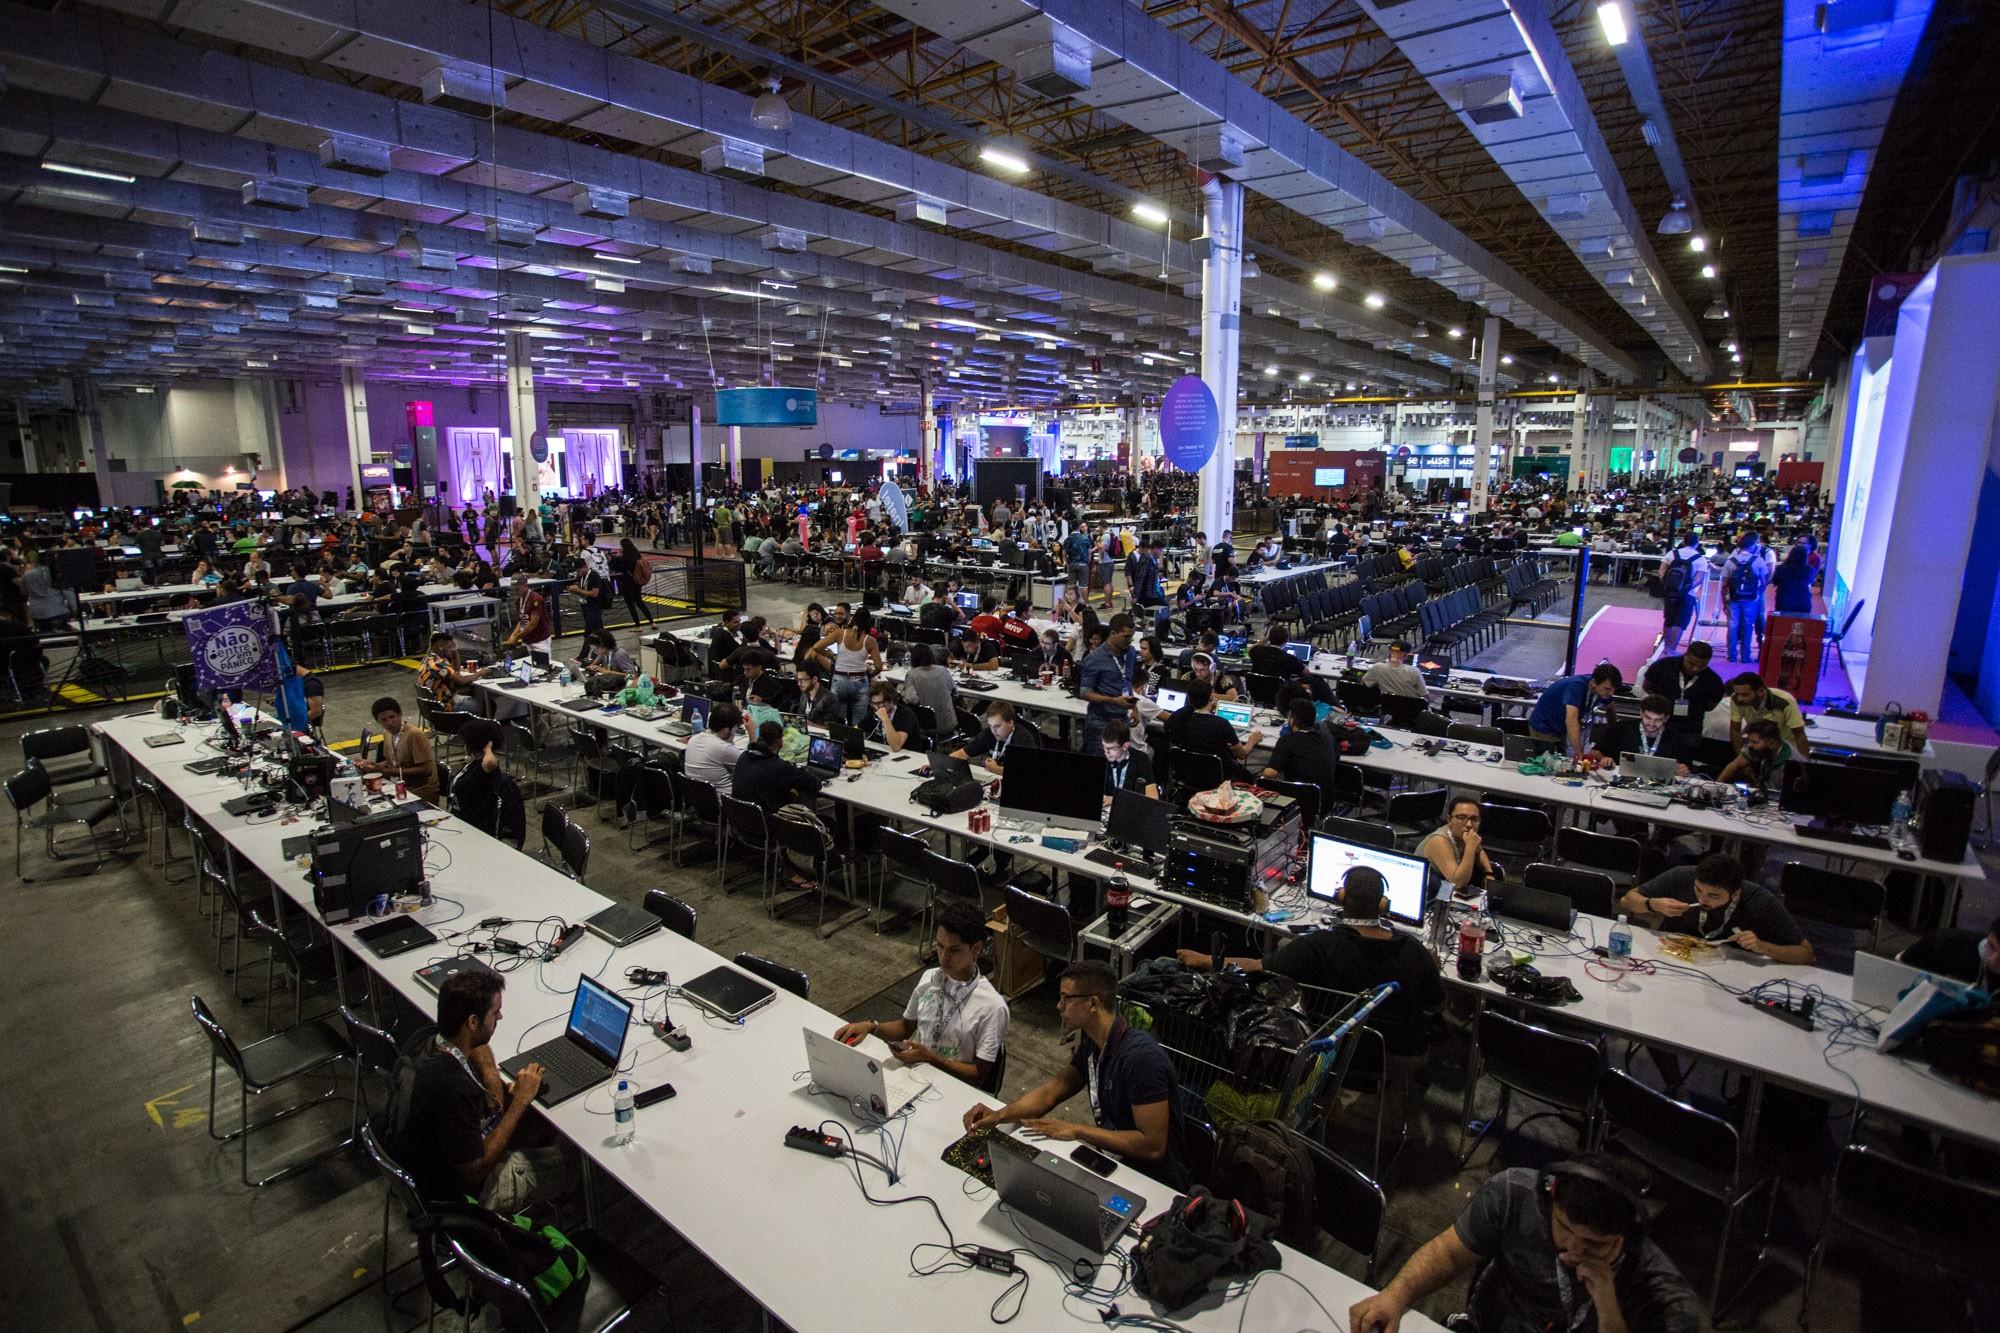 Evento de tecnologia deve atrair 120 mil pessoas com 900 palestras até  sábado (16) no Expo Center Norte, em São Paulo. Área exclusiva dos  campuseiros tem ... 730e4d938e